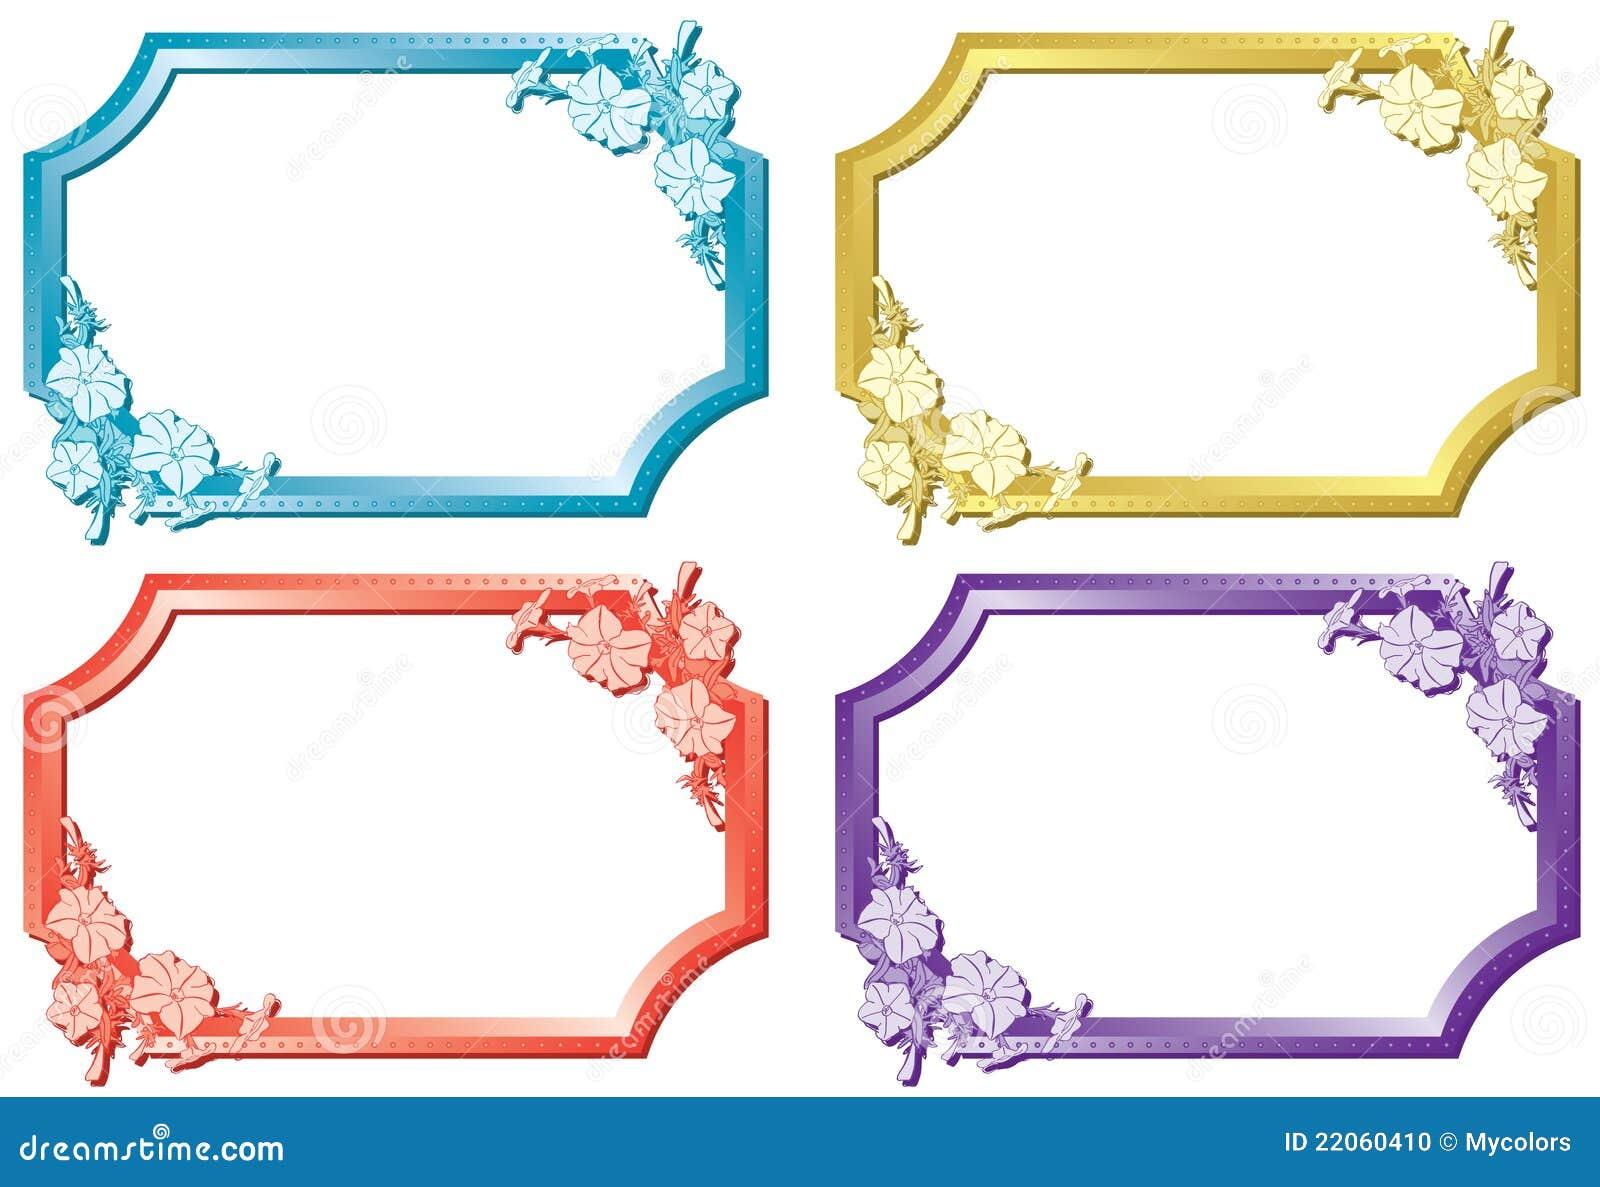 Change Glasses Frame Color : Set Of Floral Color Frames - Vector Stock Photo - Image ...